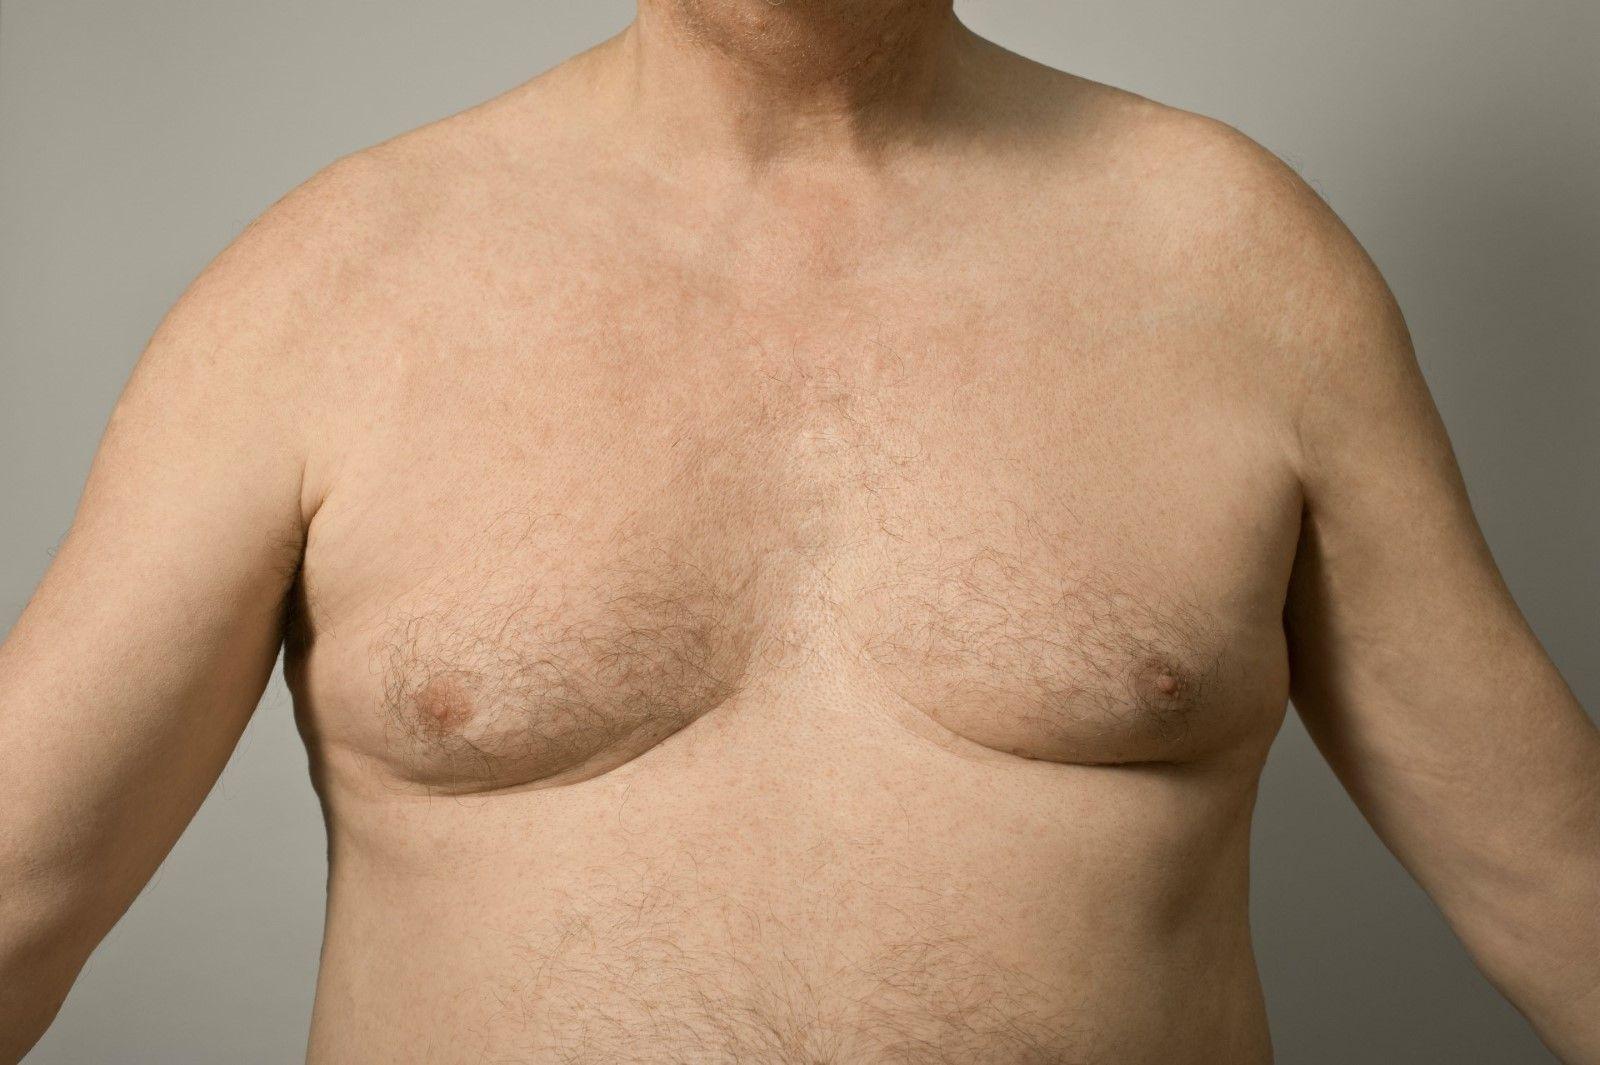 Видео мужчин с женской грудью девушки трахаются присутствии